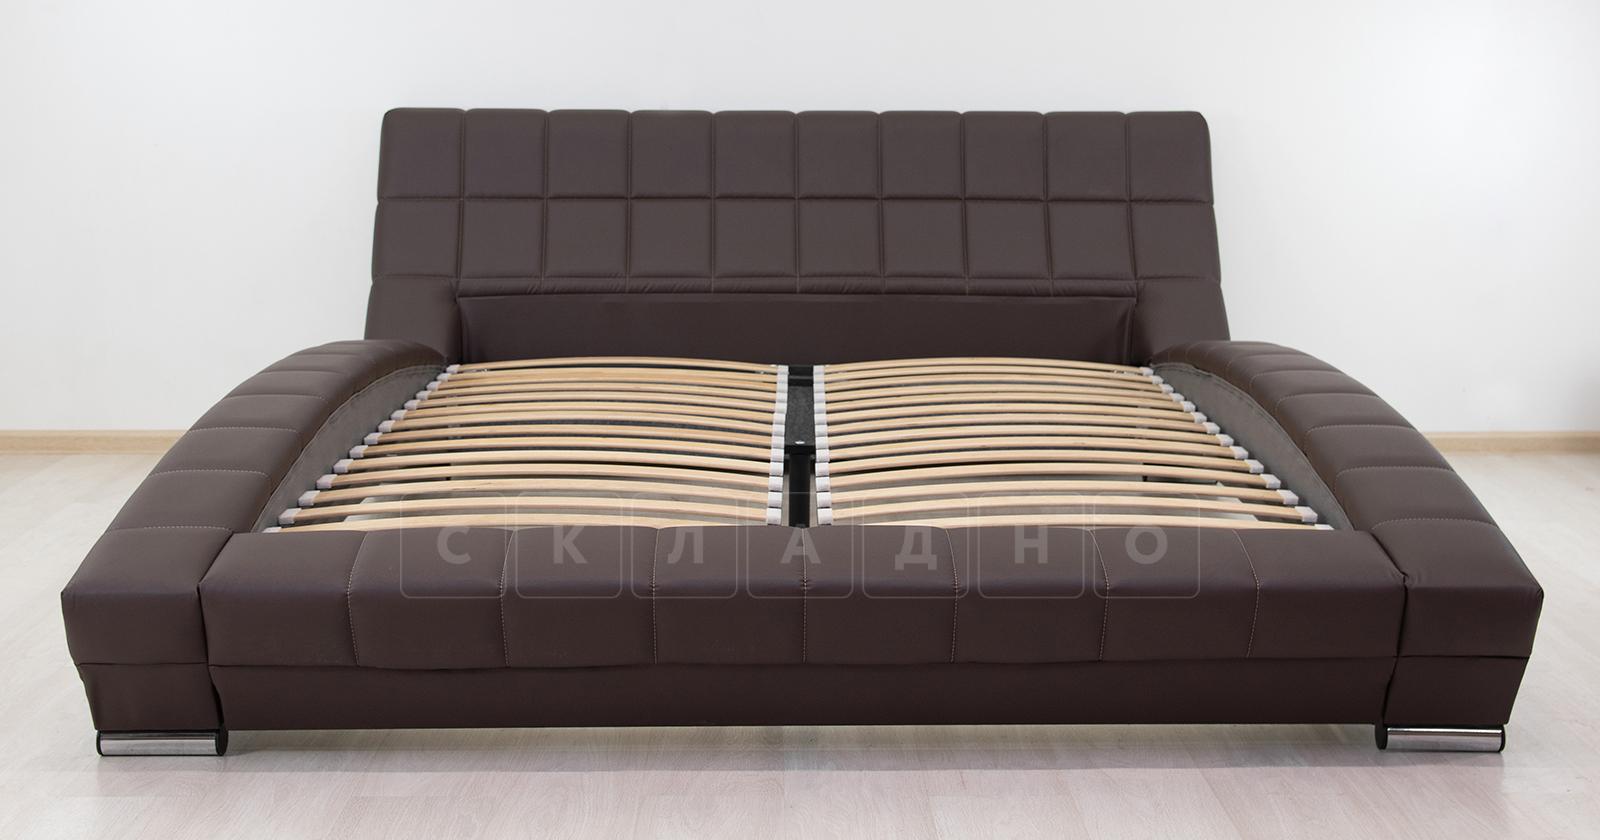 Мягкая кровать Оливия 160 см экокожа шоколад фото 11 | интернет-магазин Складно